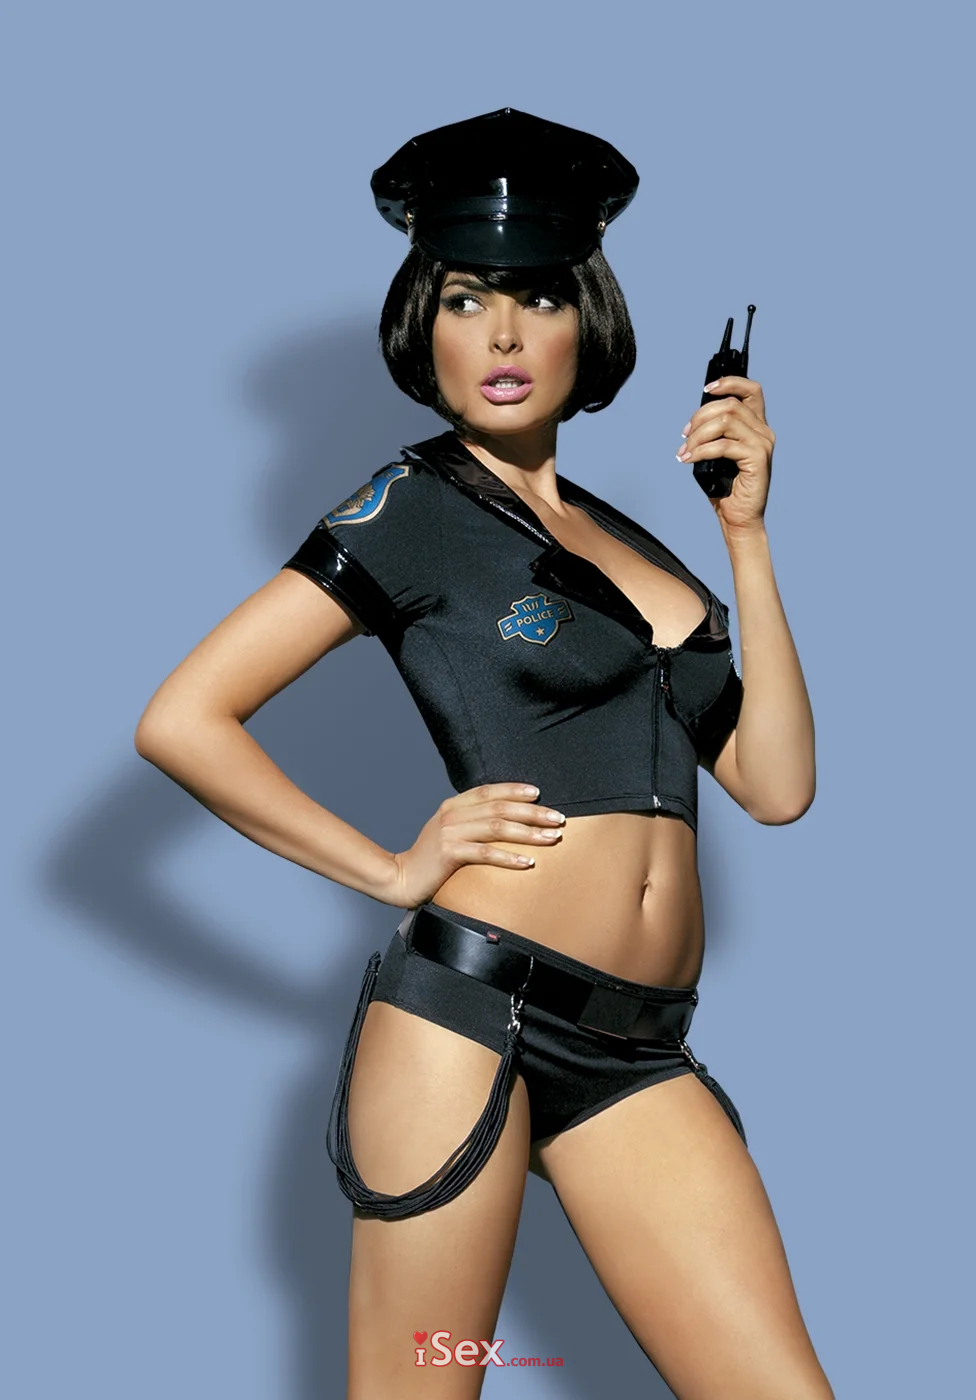 Костюм полицейской Police Set Costume